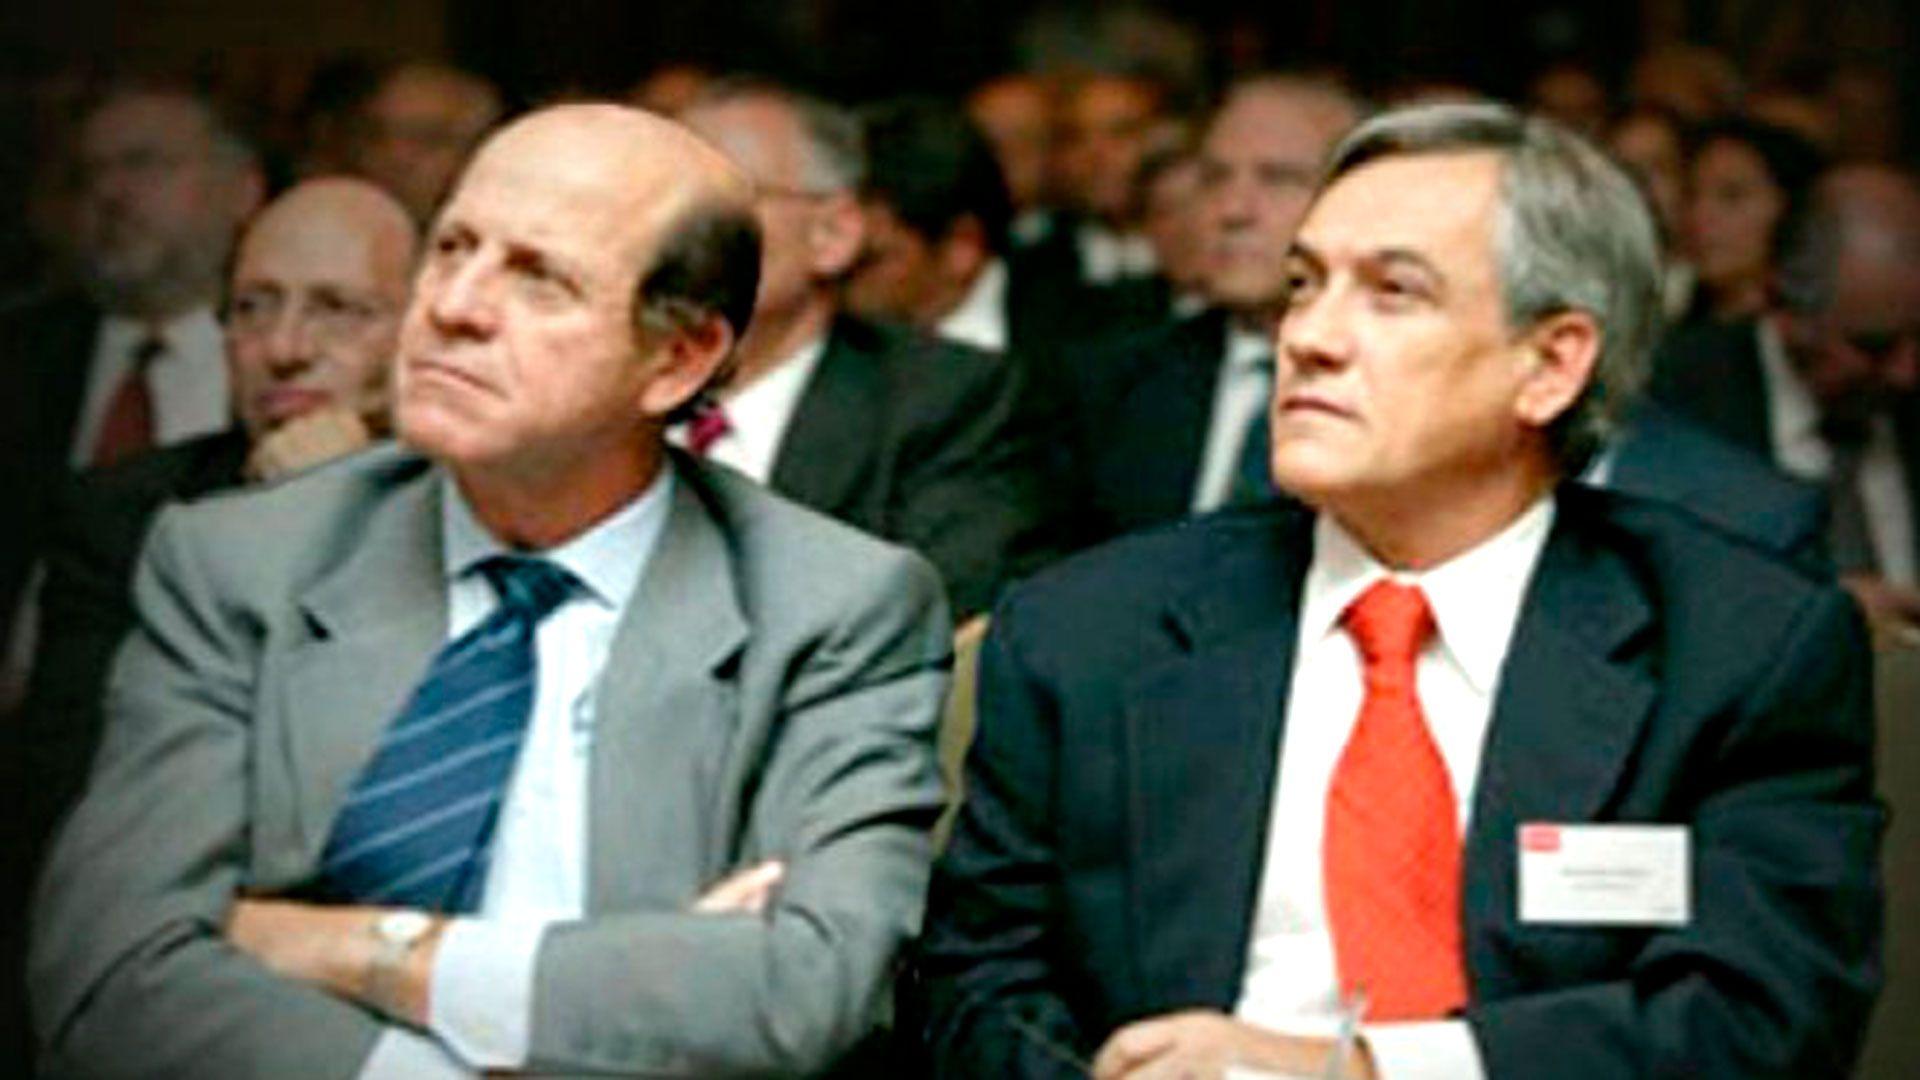 Carlos-Alberto-Delano-sebatian-piñera